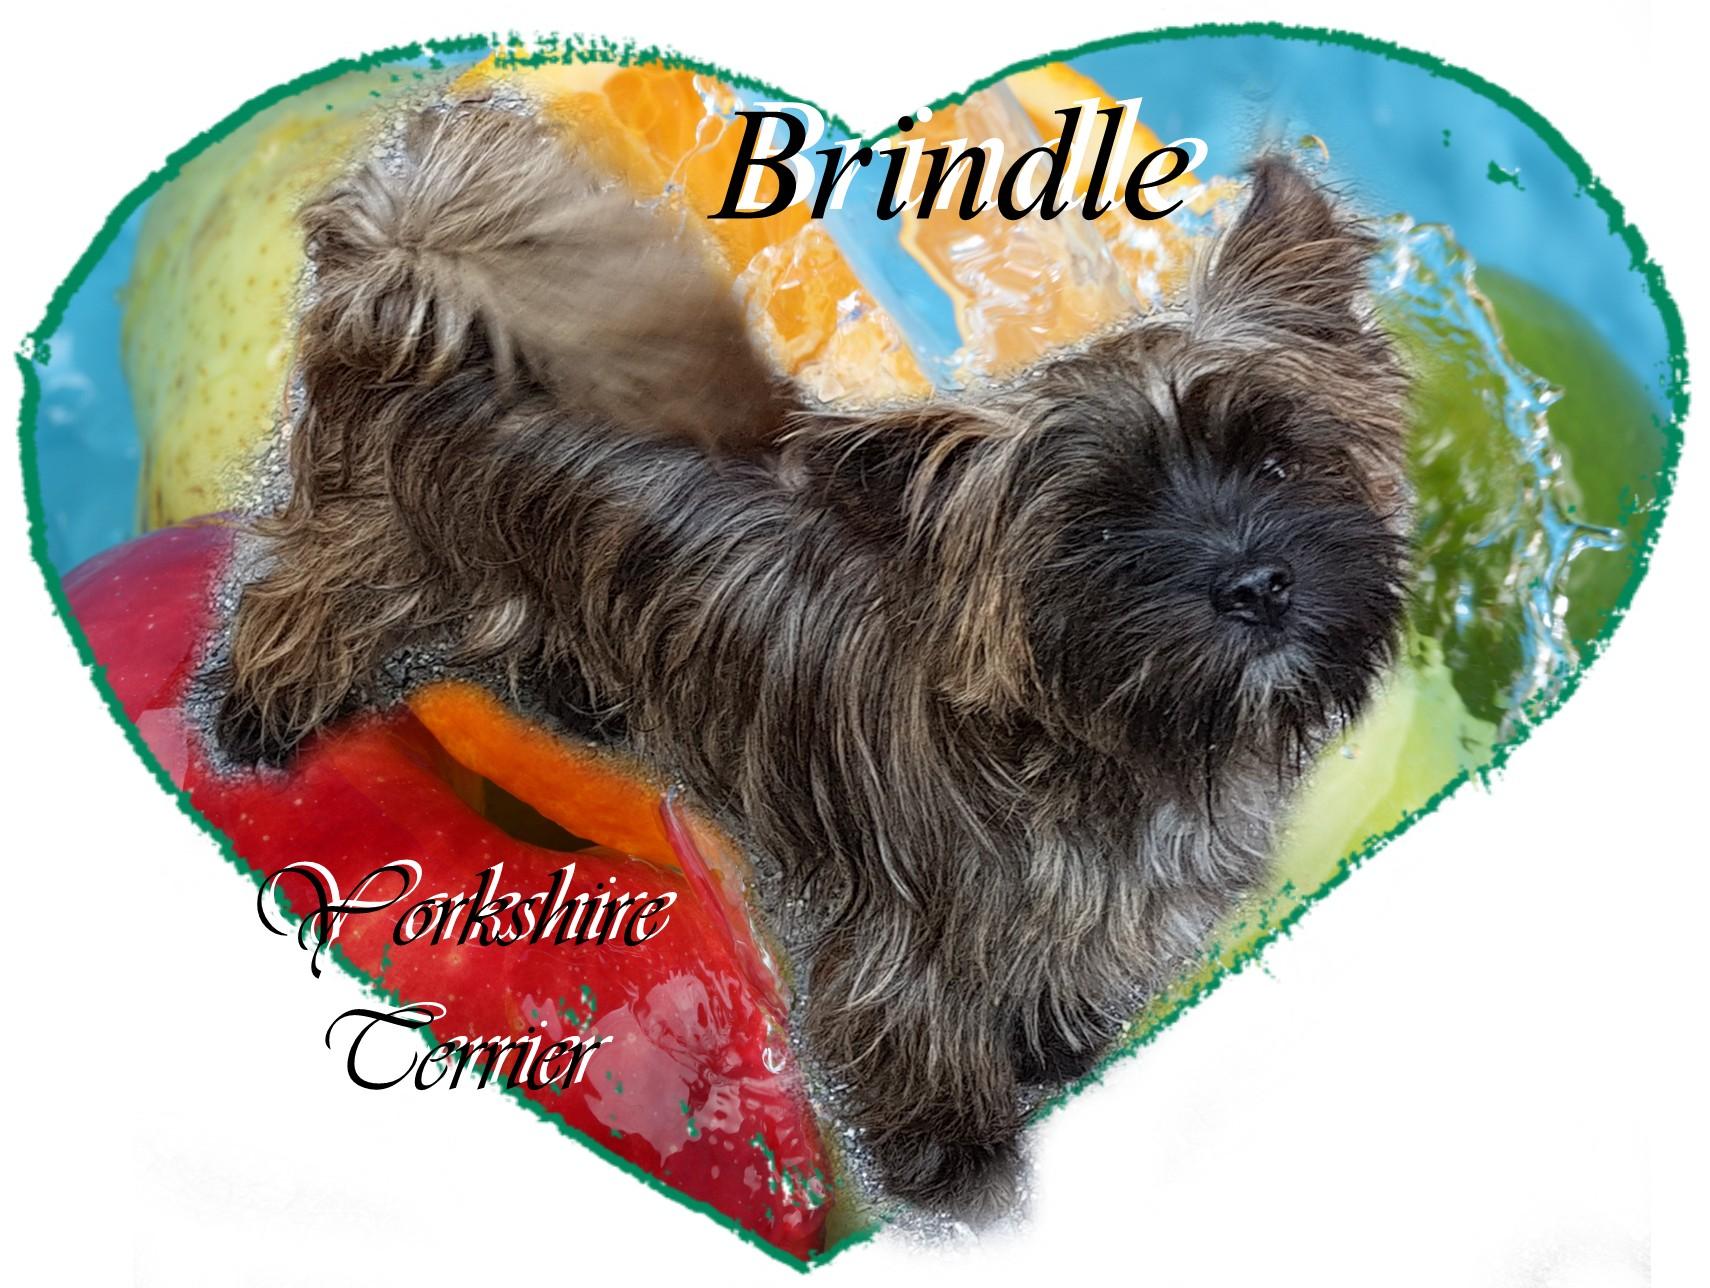 Brindle Yorkshire Terrier